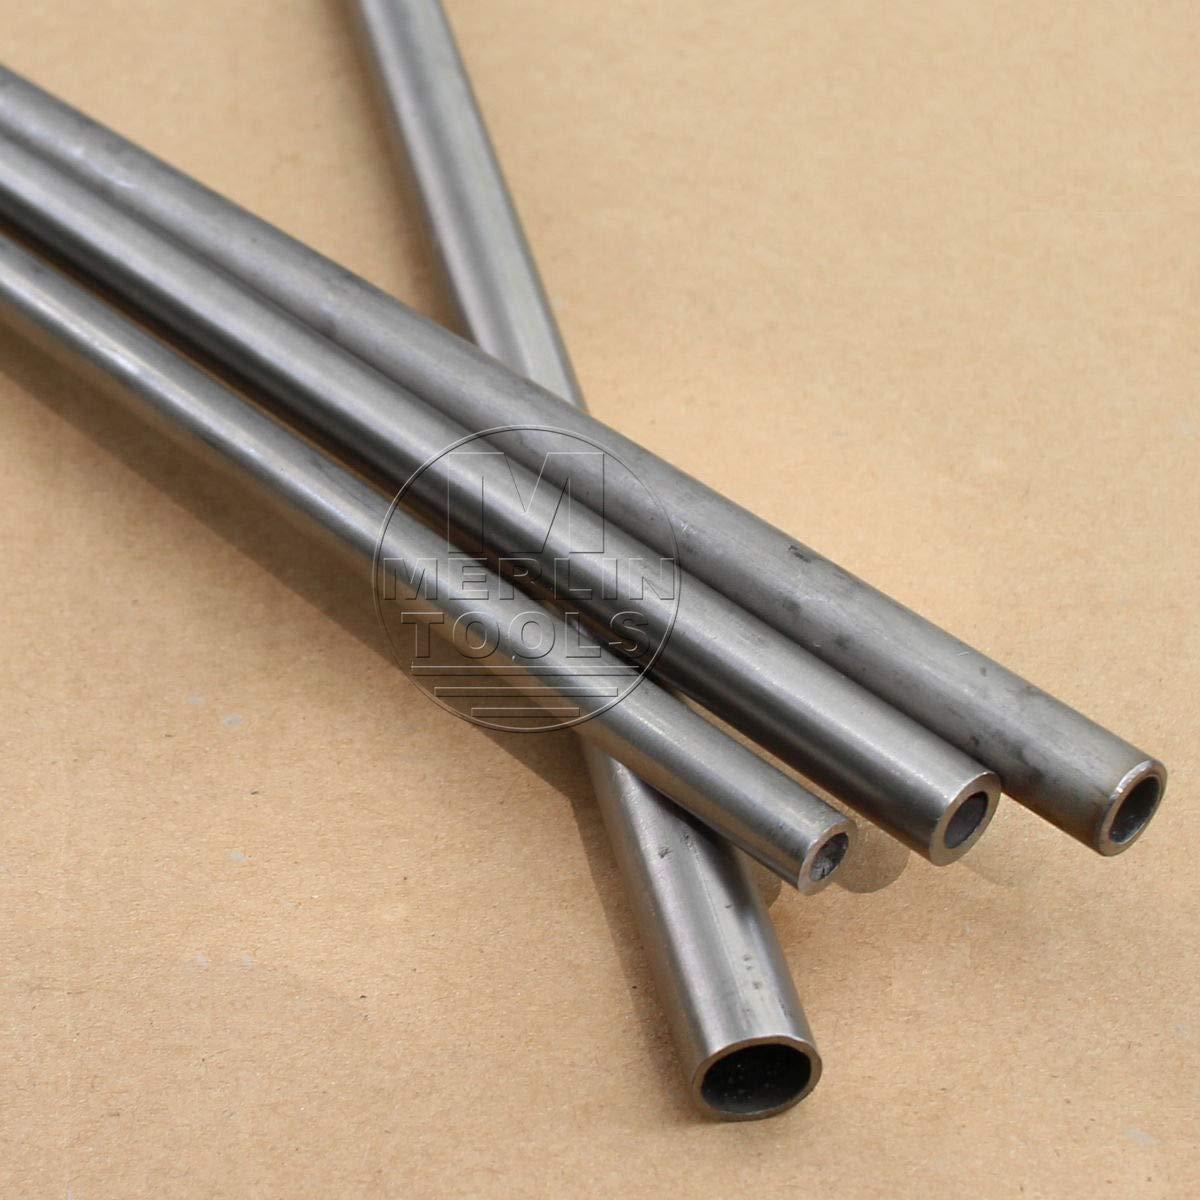 FidgetFidget CorrosionØ16 x 15 x 0.5mm